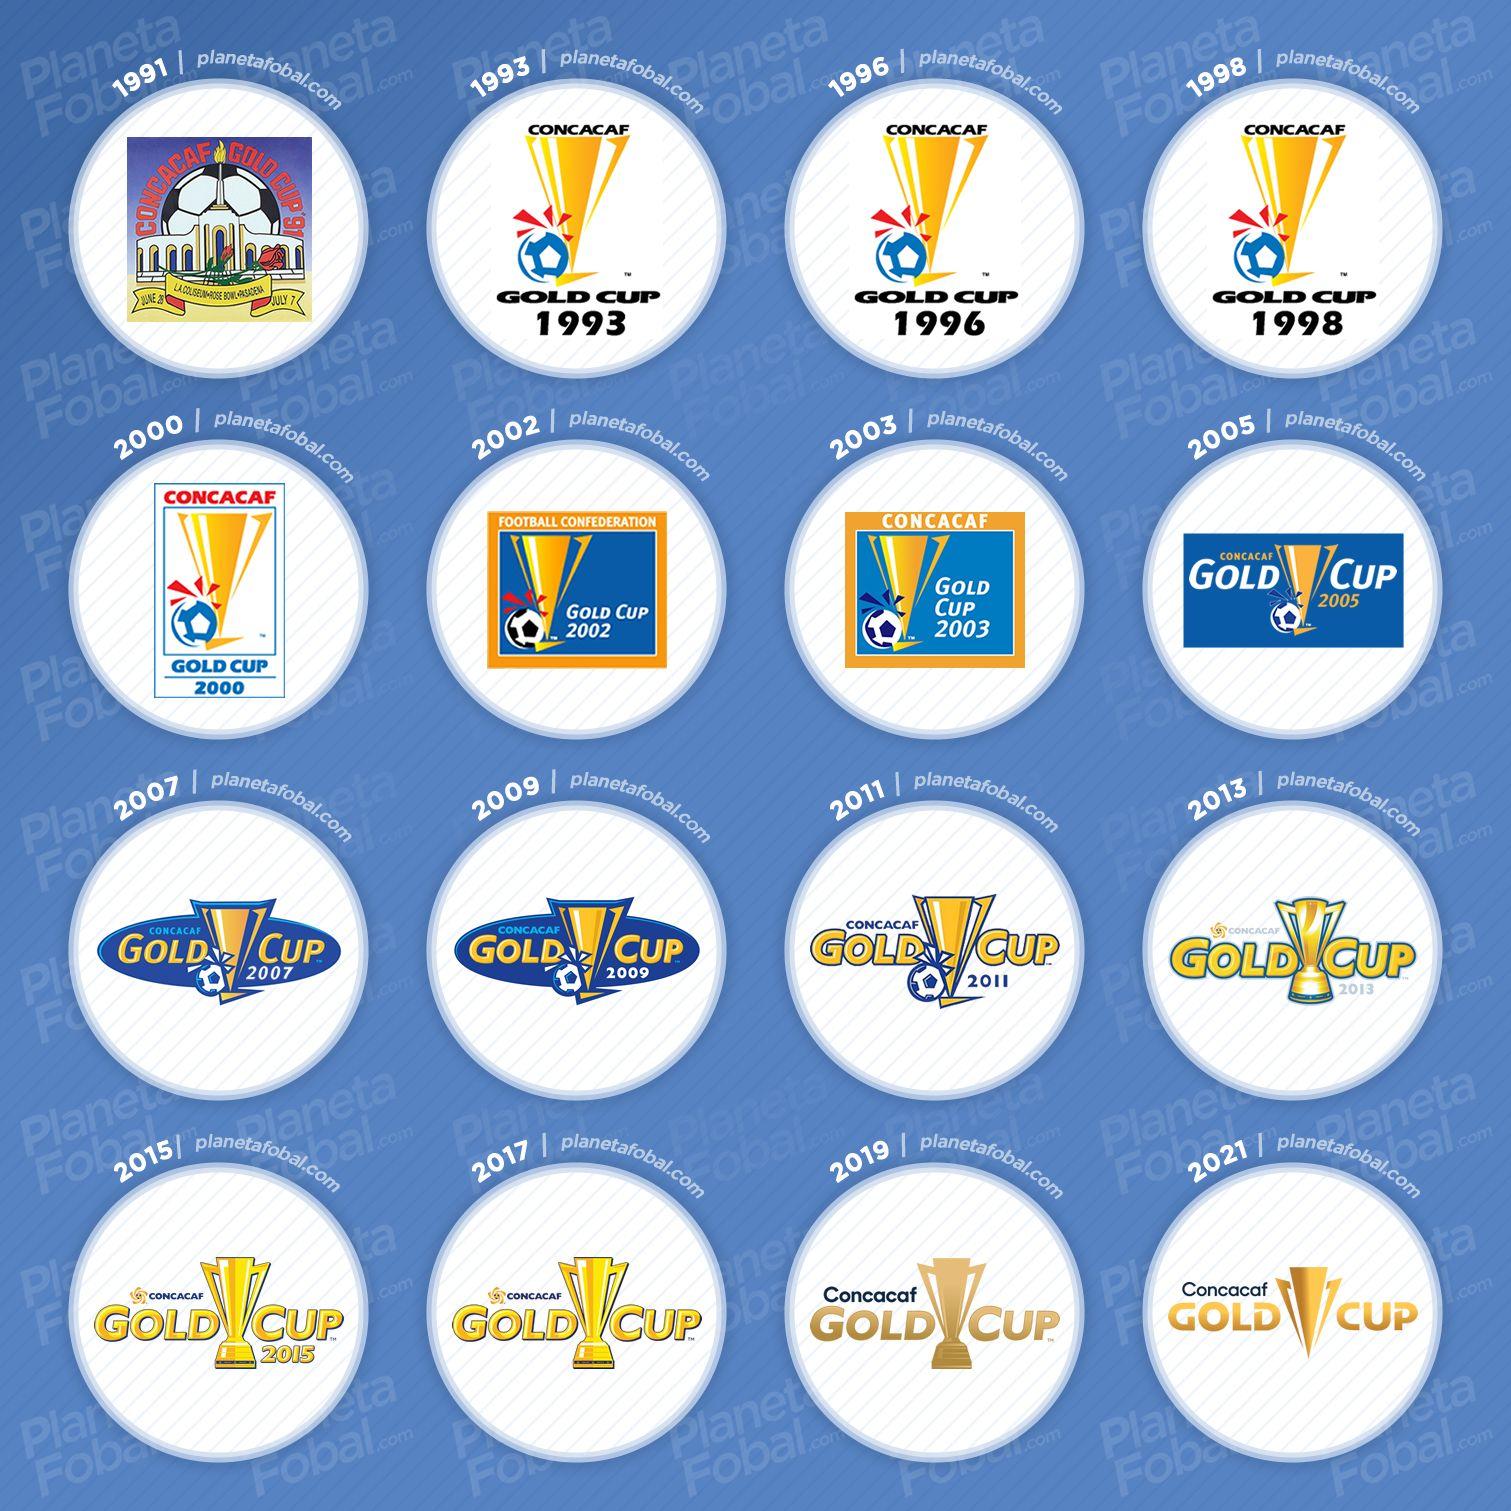 Evolución del logo de la Copa Oro/Gold Cup (1991-2021)